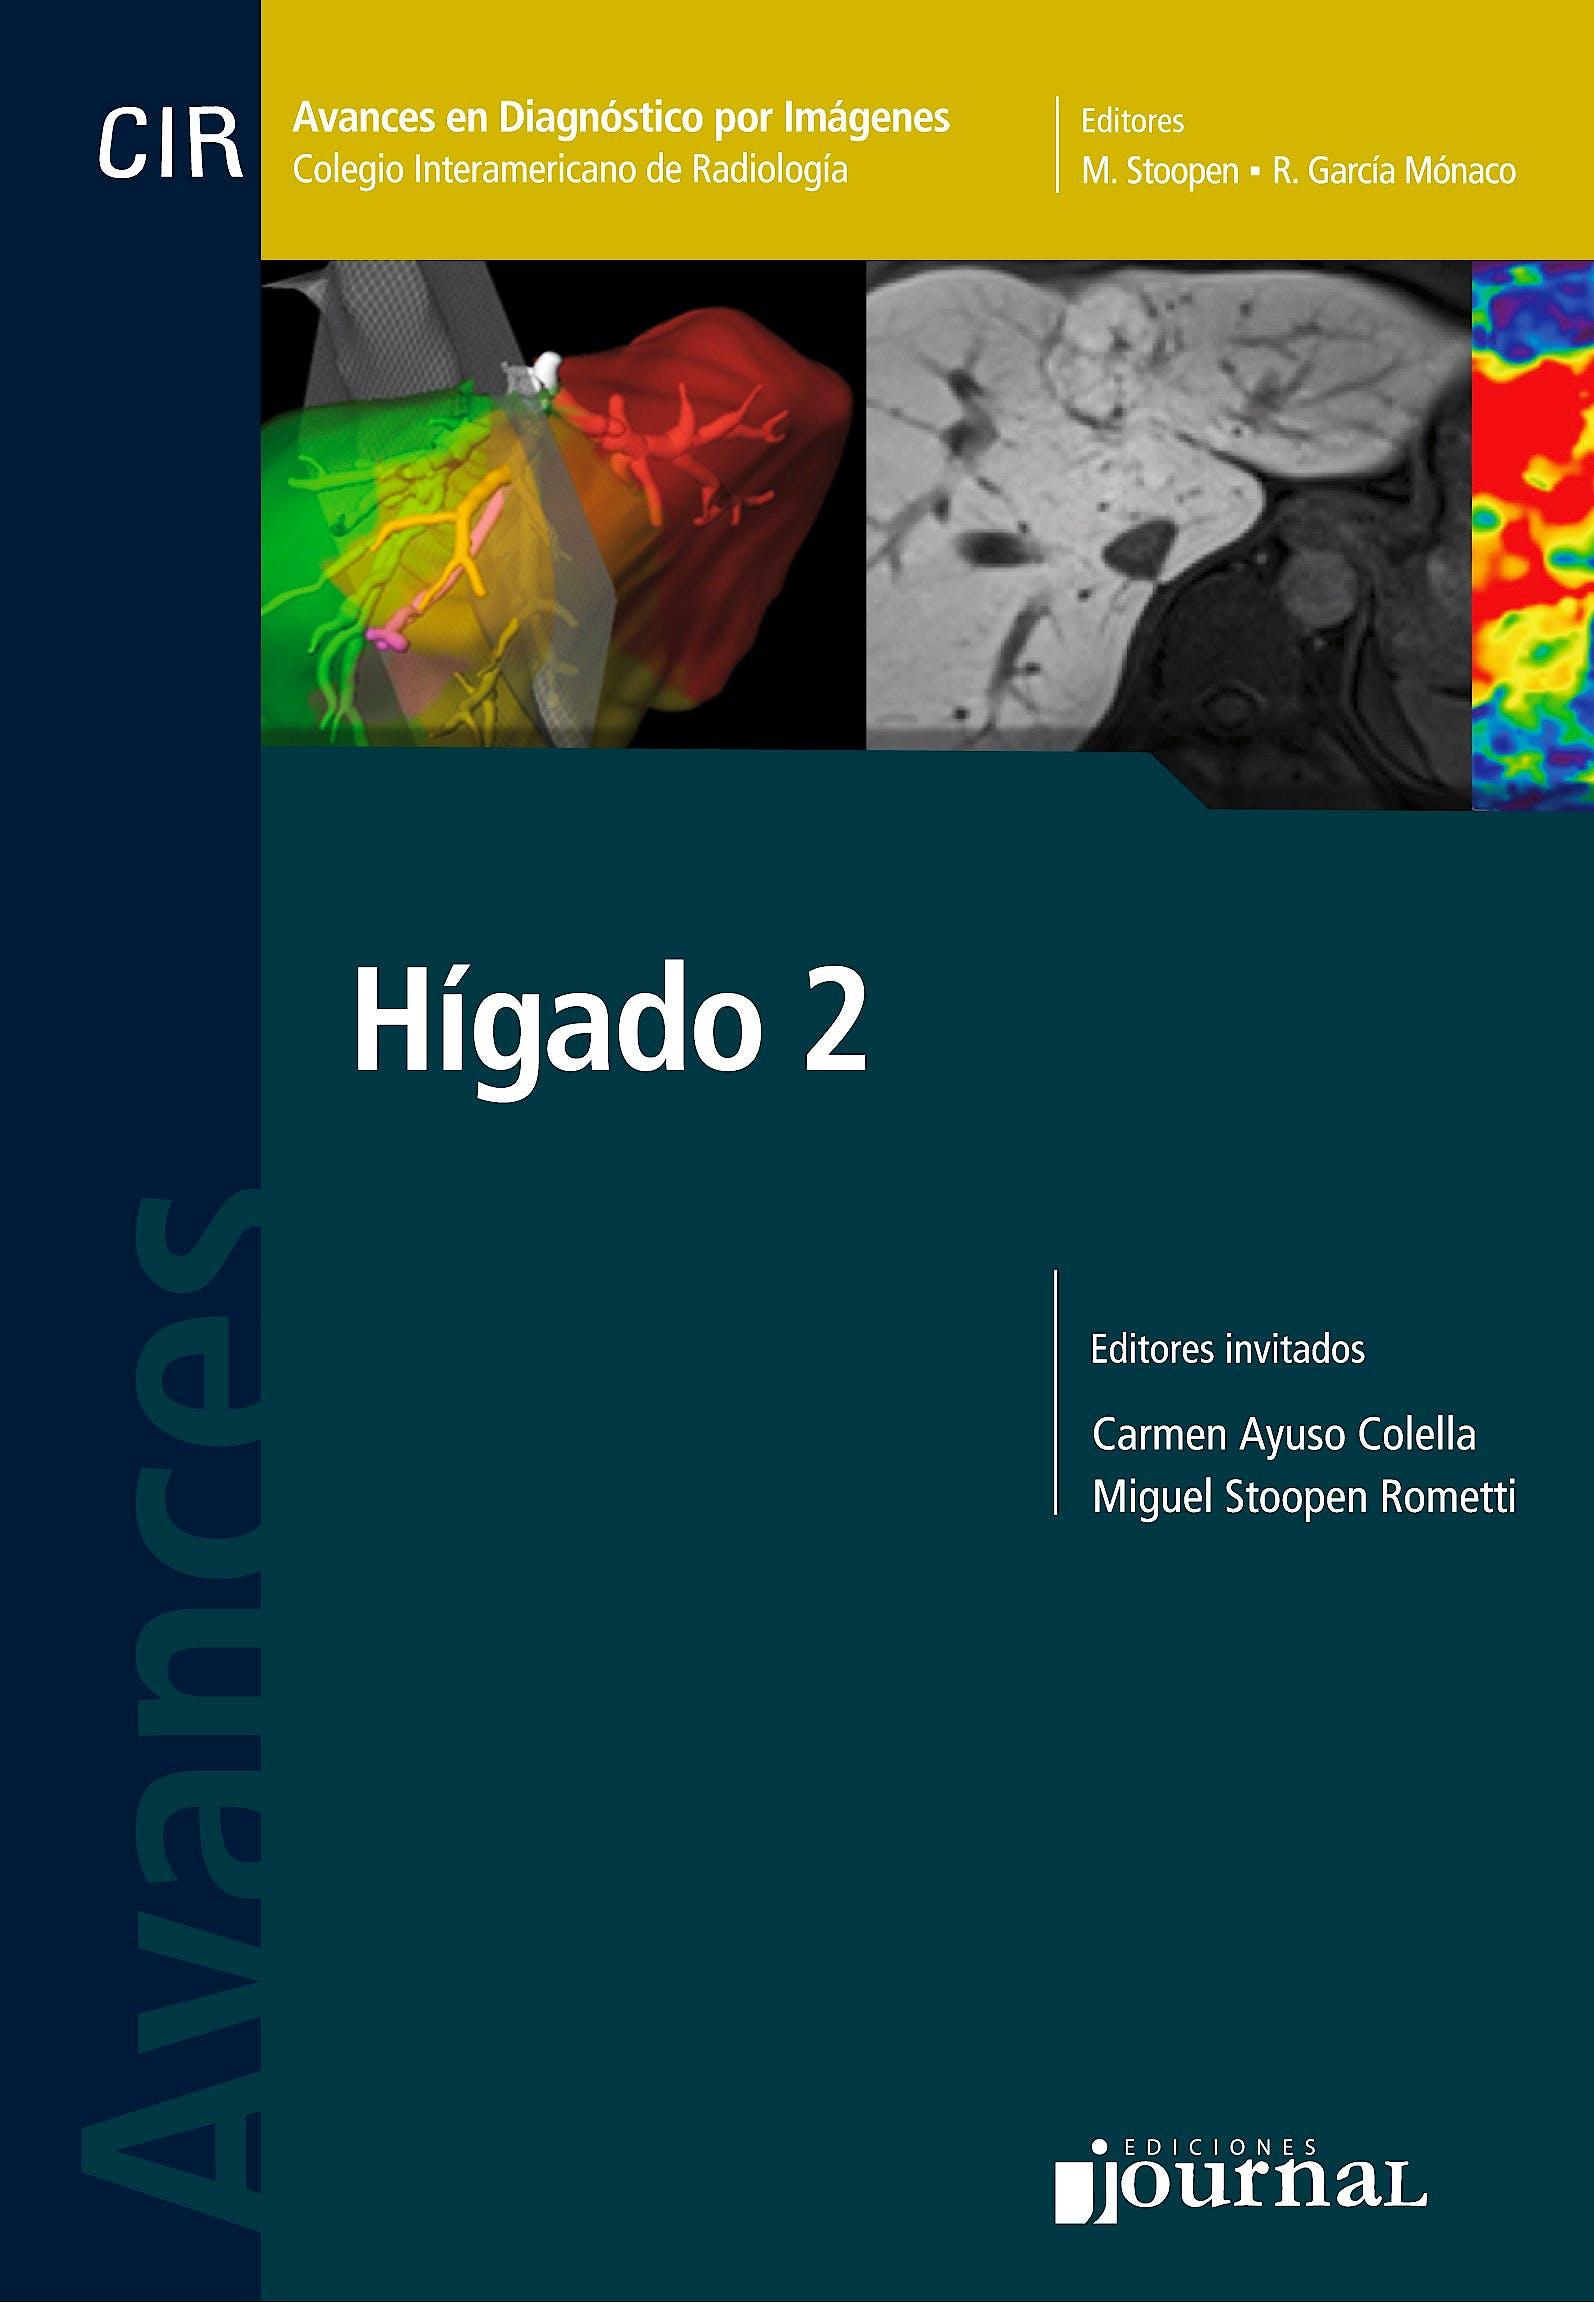 Portada del libro 9789873954344 Avances en Diagnóstico por Imágenes 16: Hígado 2 (CIR, Colegio Interamericano de Radiología)